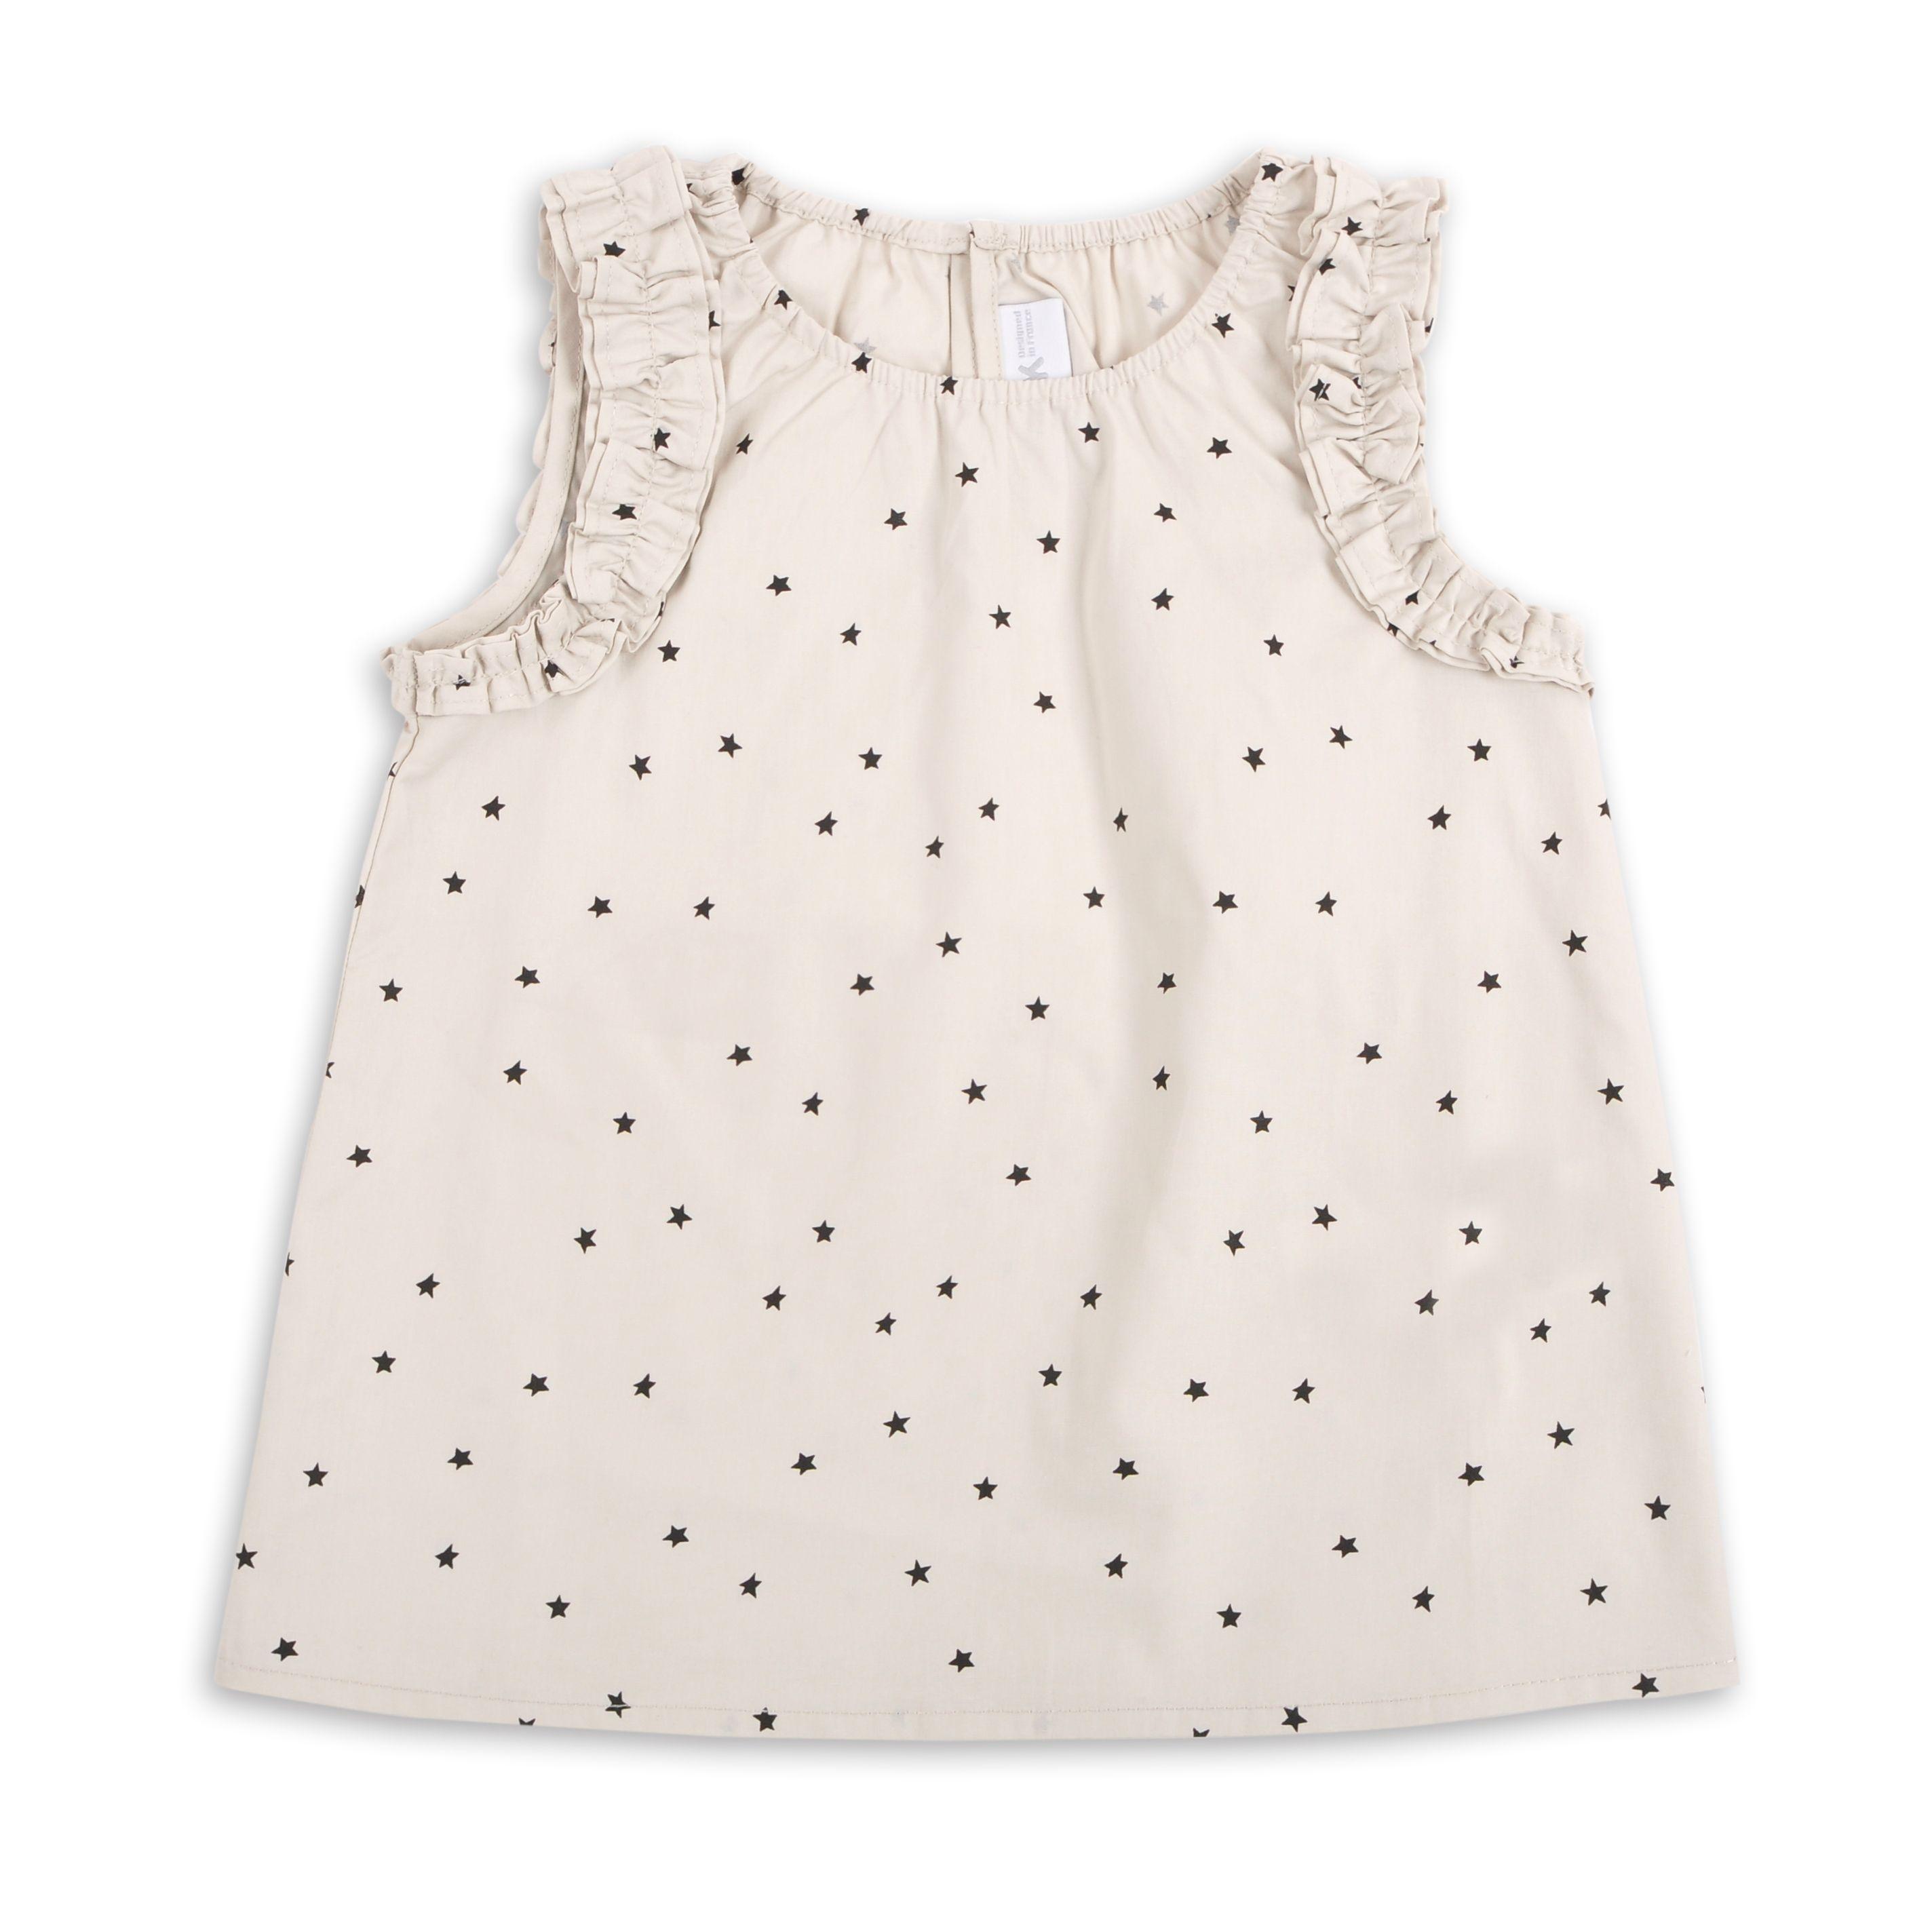 2502e8787 Blusa para niña, en color crema con estrellitas negras. EPK ...